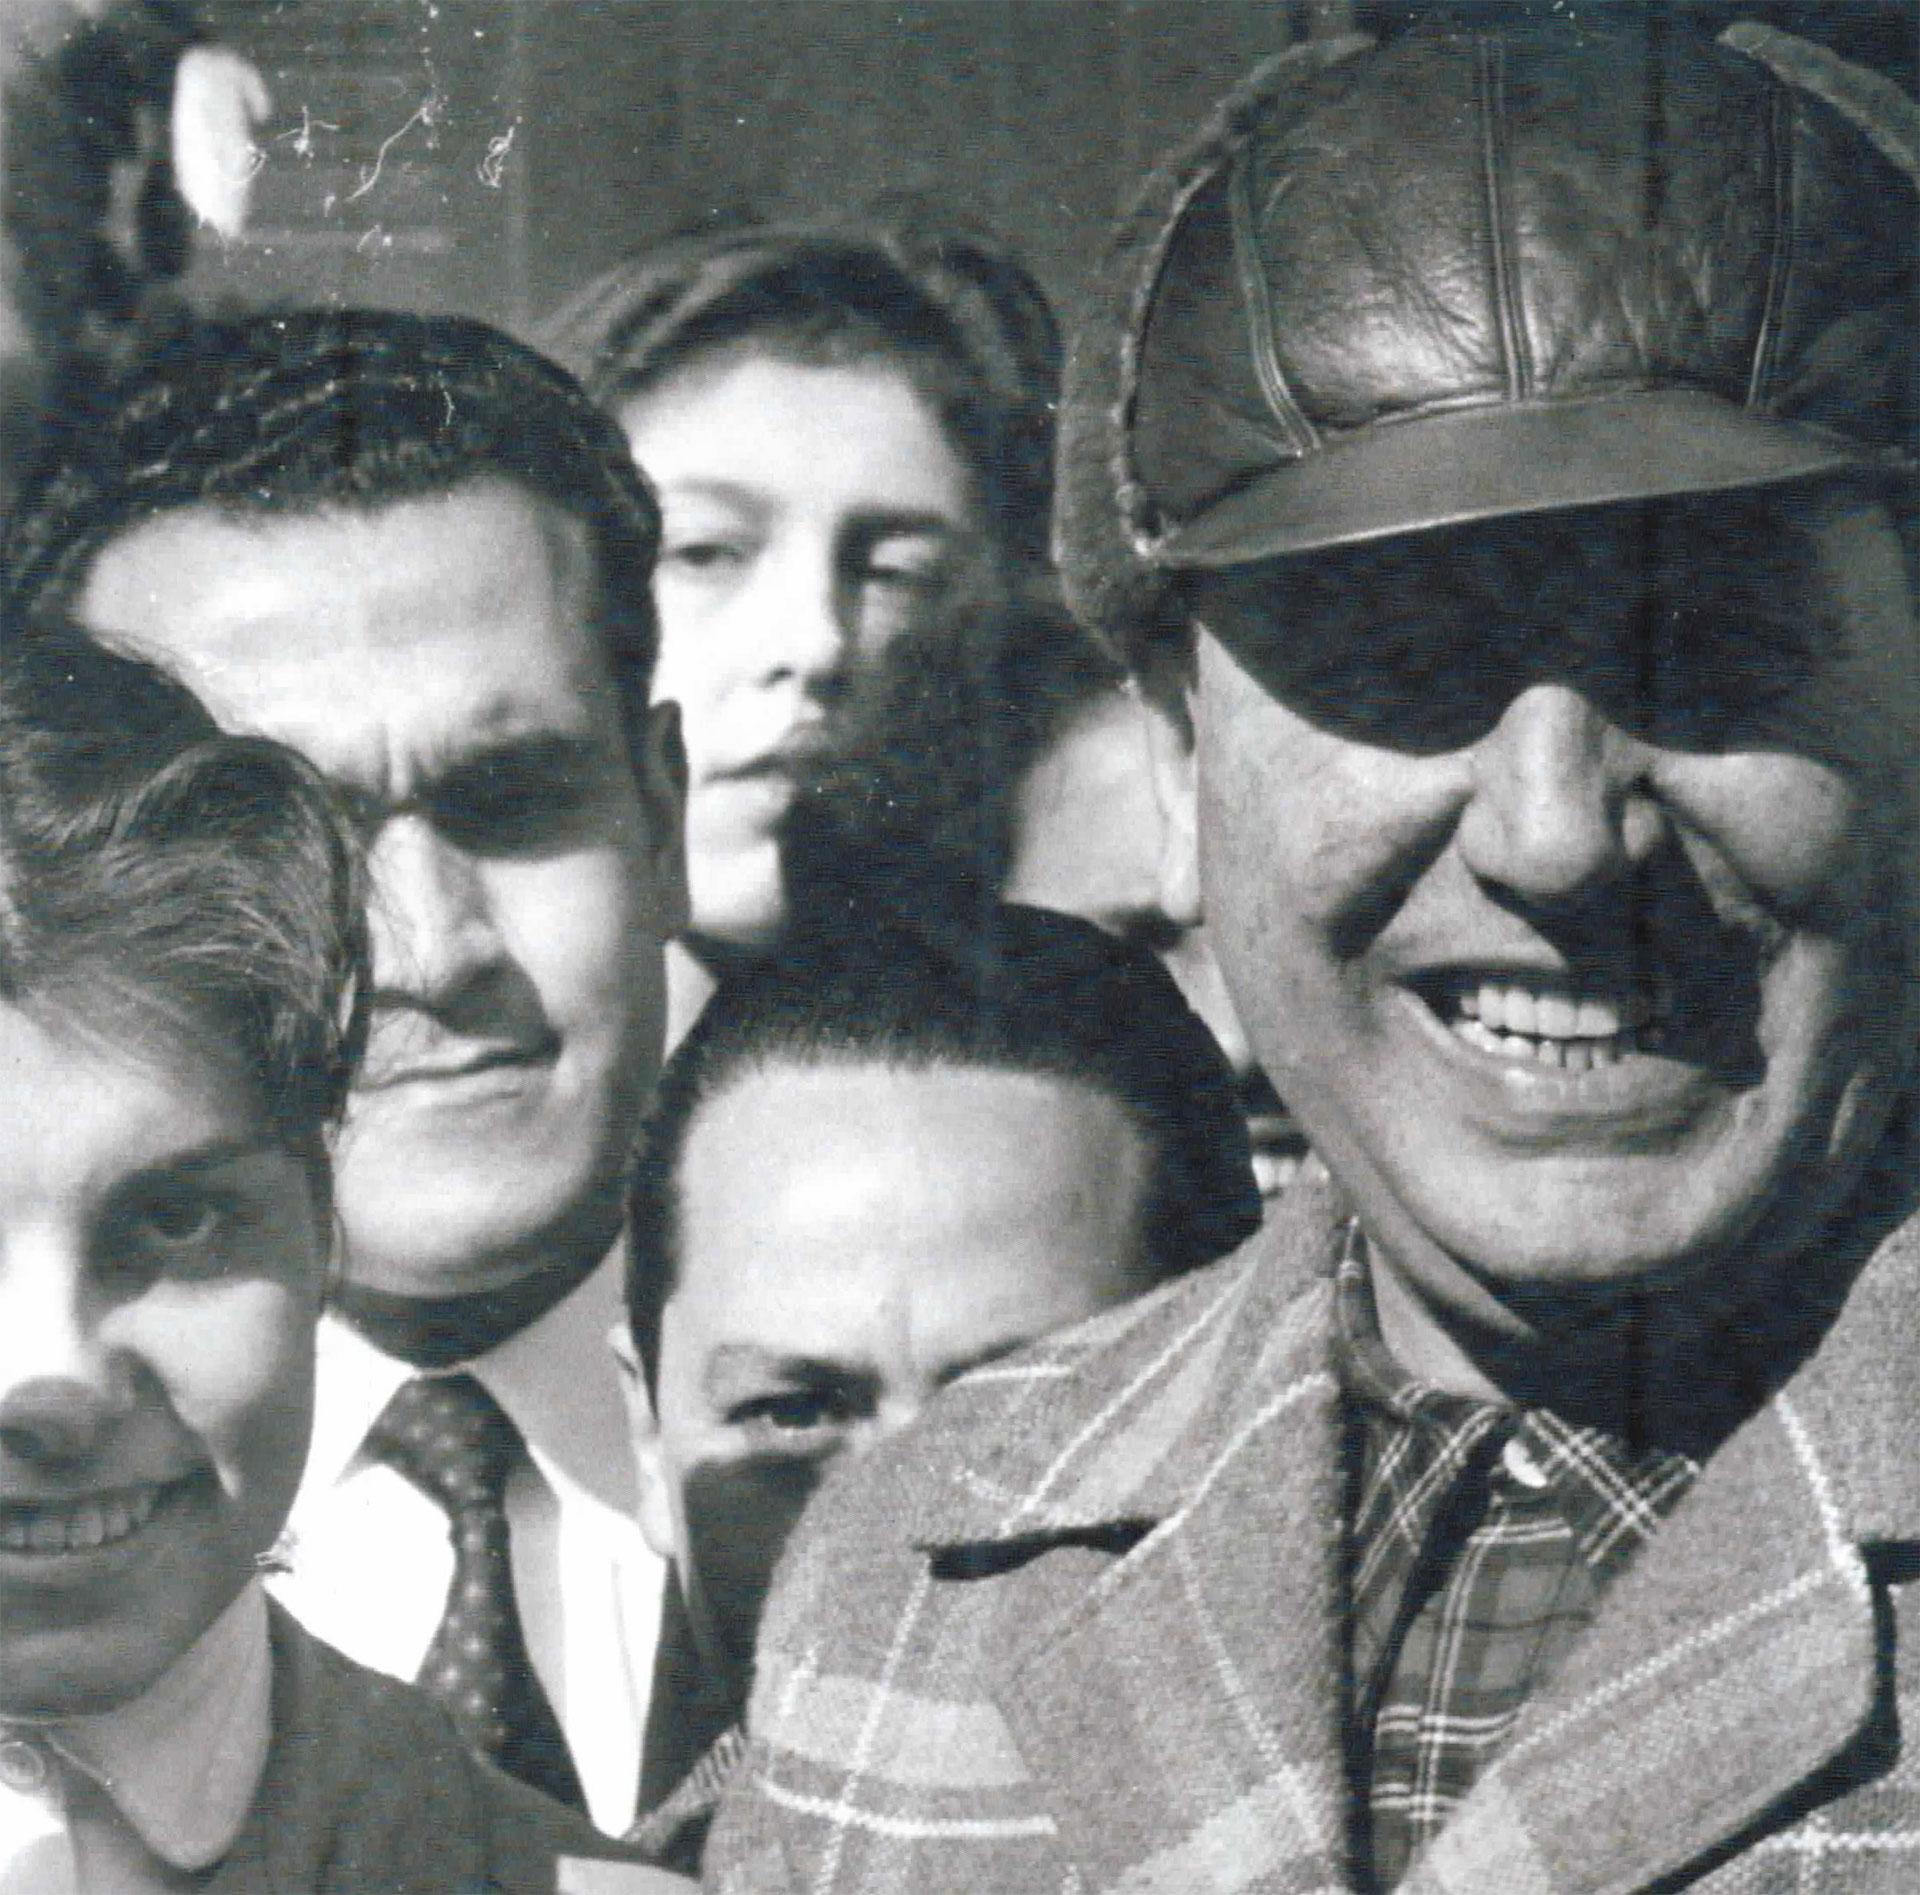 La clásica sonrisa de Perón, bajo una gorra de piloto